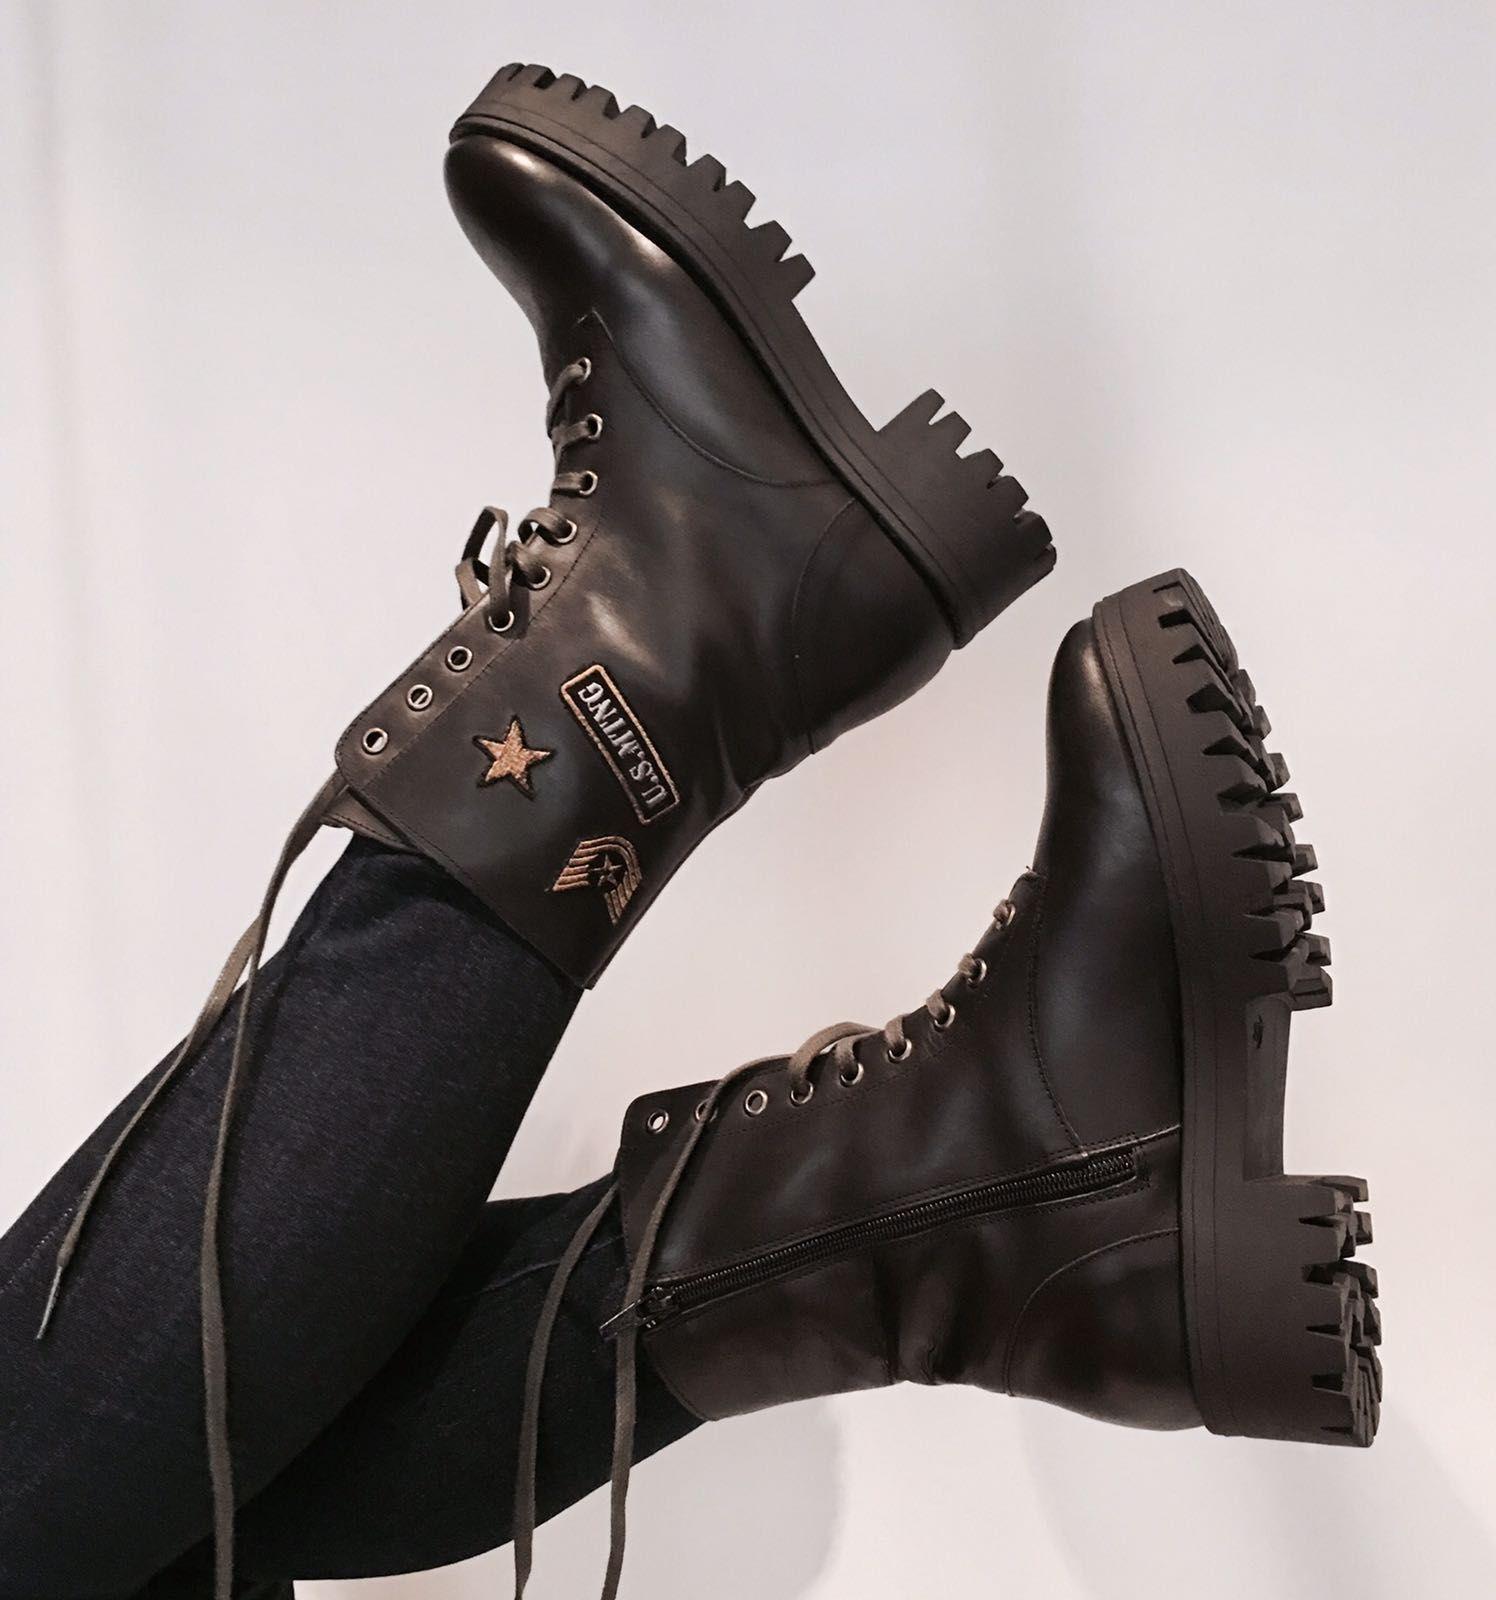 Botas MUSTANG military | Zapatos, Botas y Estilo militar